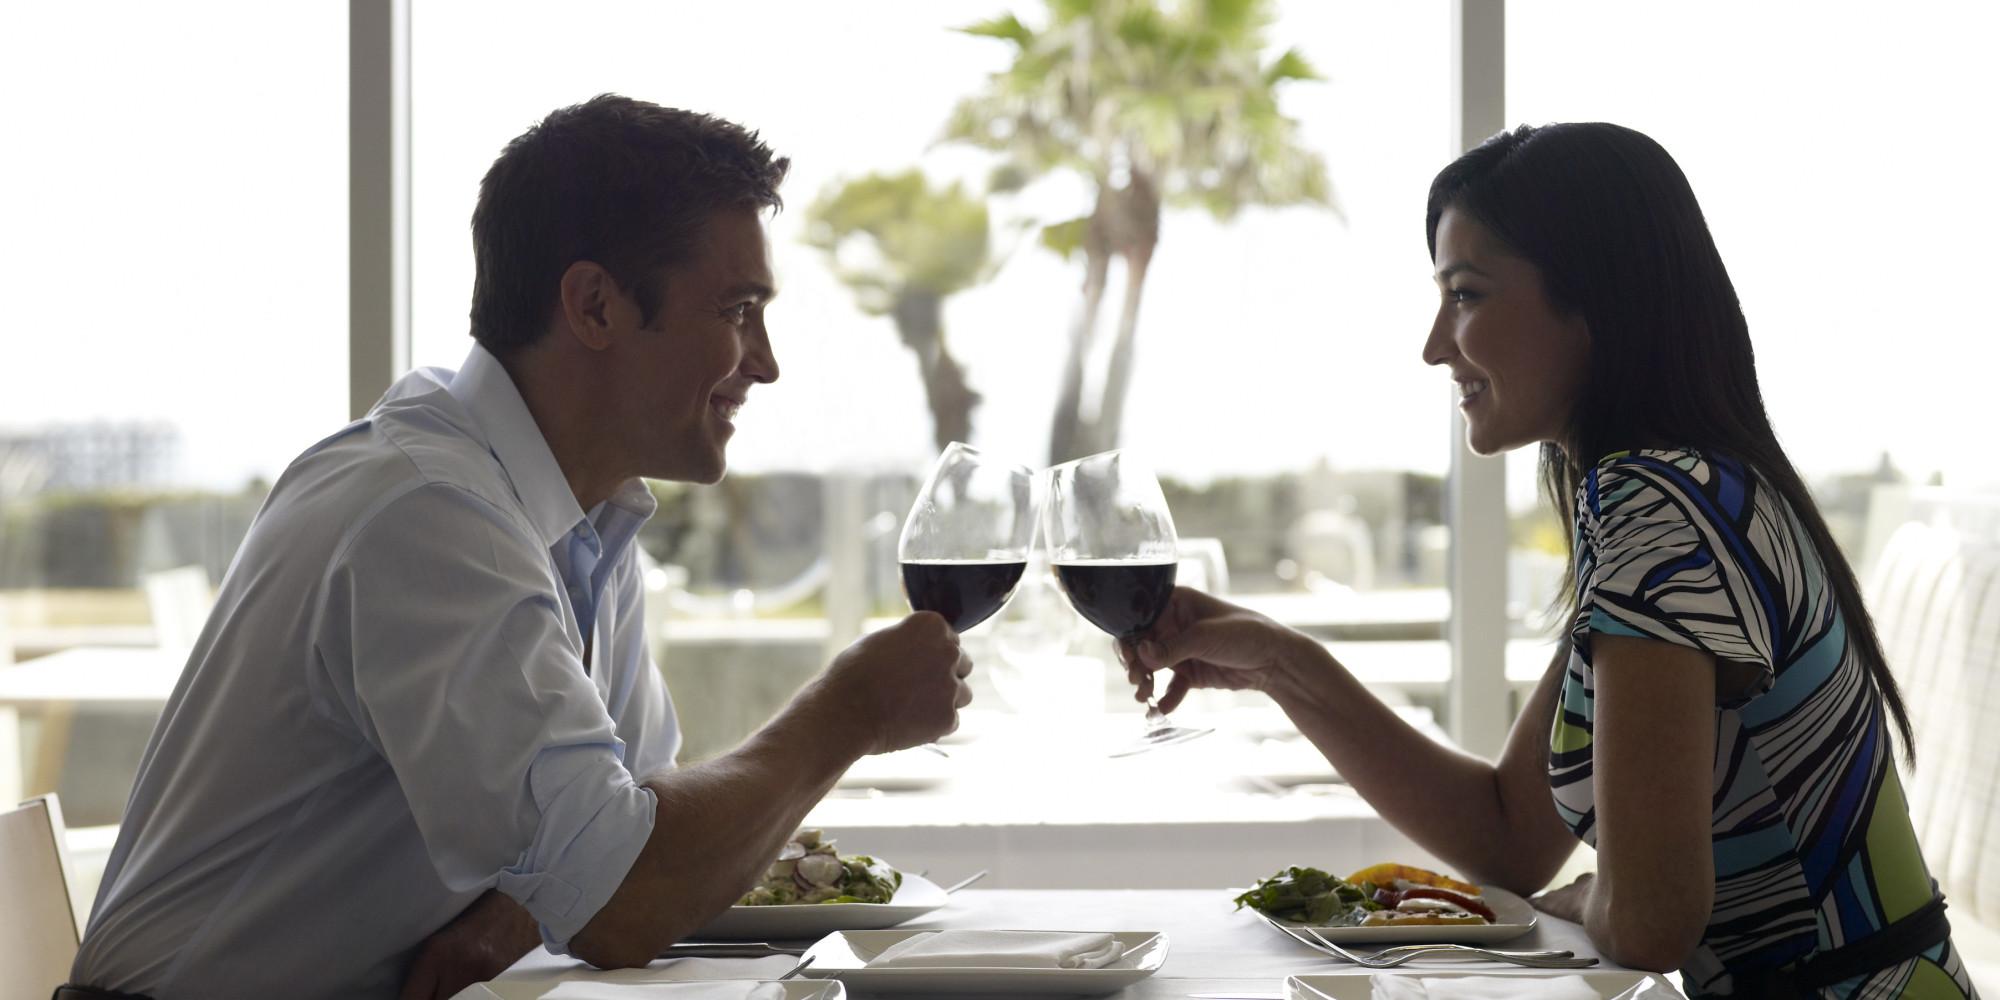 papadakis and cizeron dating